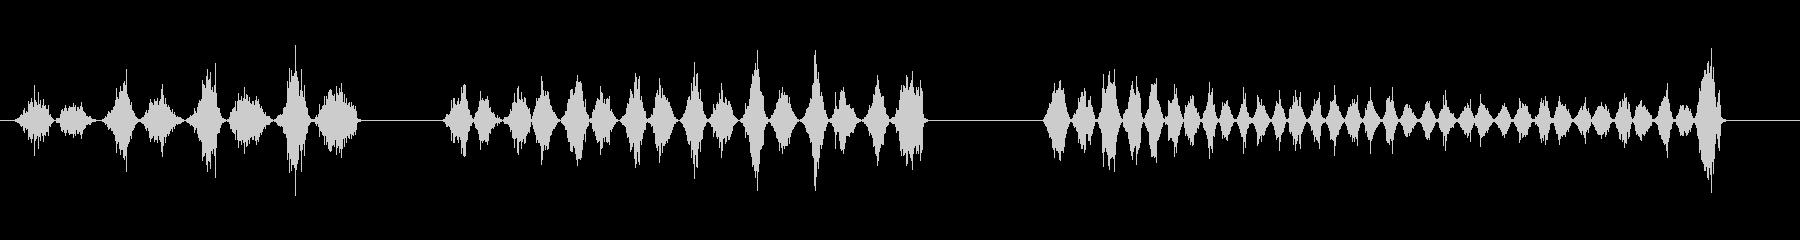 楽器弓のこ金属x3の未再生の波形